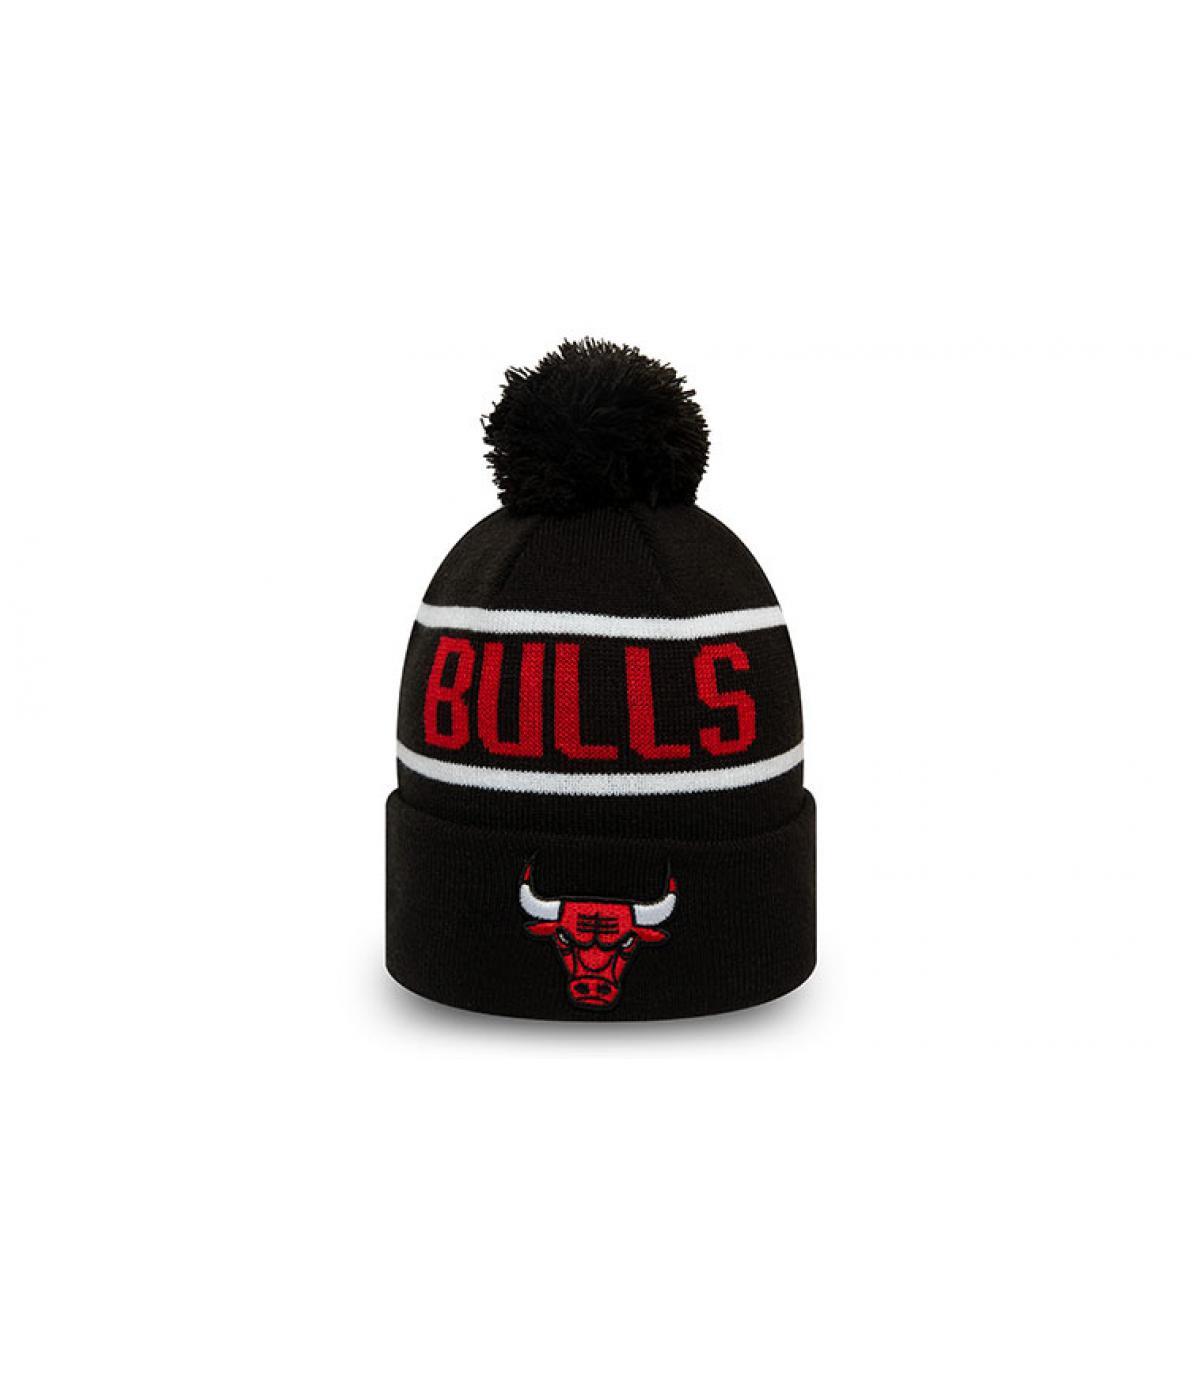 Detalles Bobble Knit Bulls imagen 2